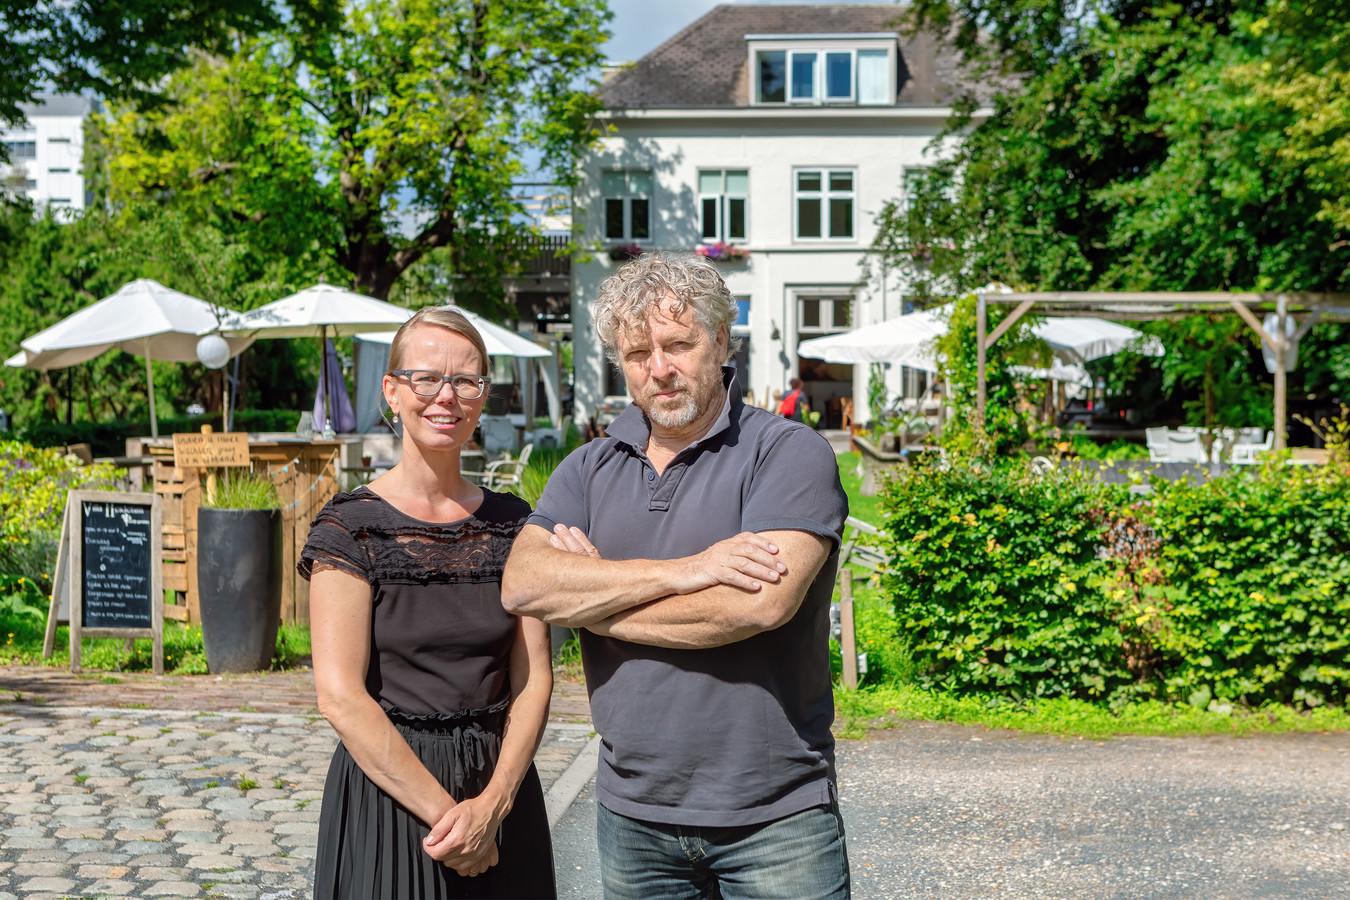 """,,Wij merken dat er veel meer last-minute geboekt wordt"""", zegt Don van Rooy, die samen met Ingrid eigenaar is van B&B Villa Heidetuin in Bergen op Zoom."""